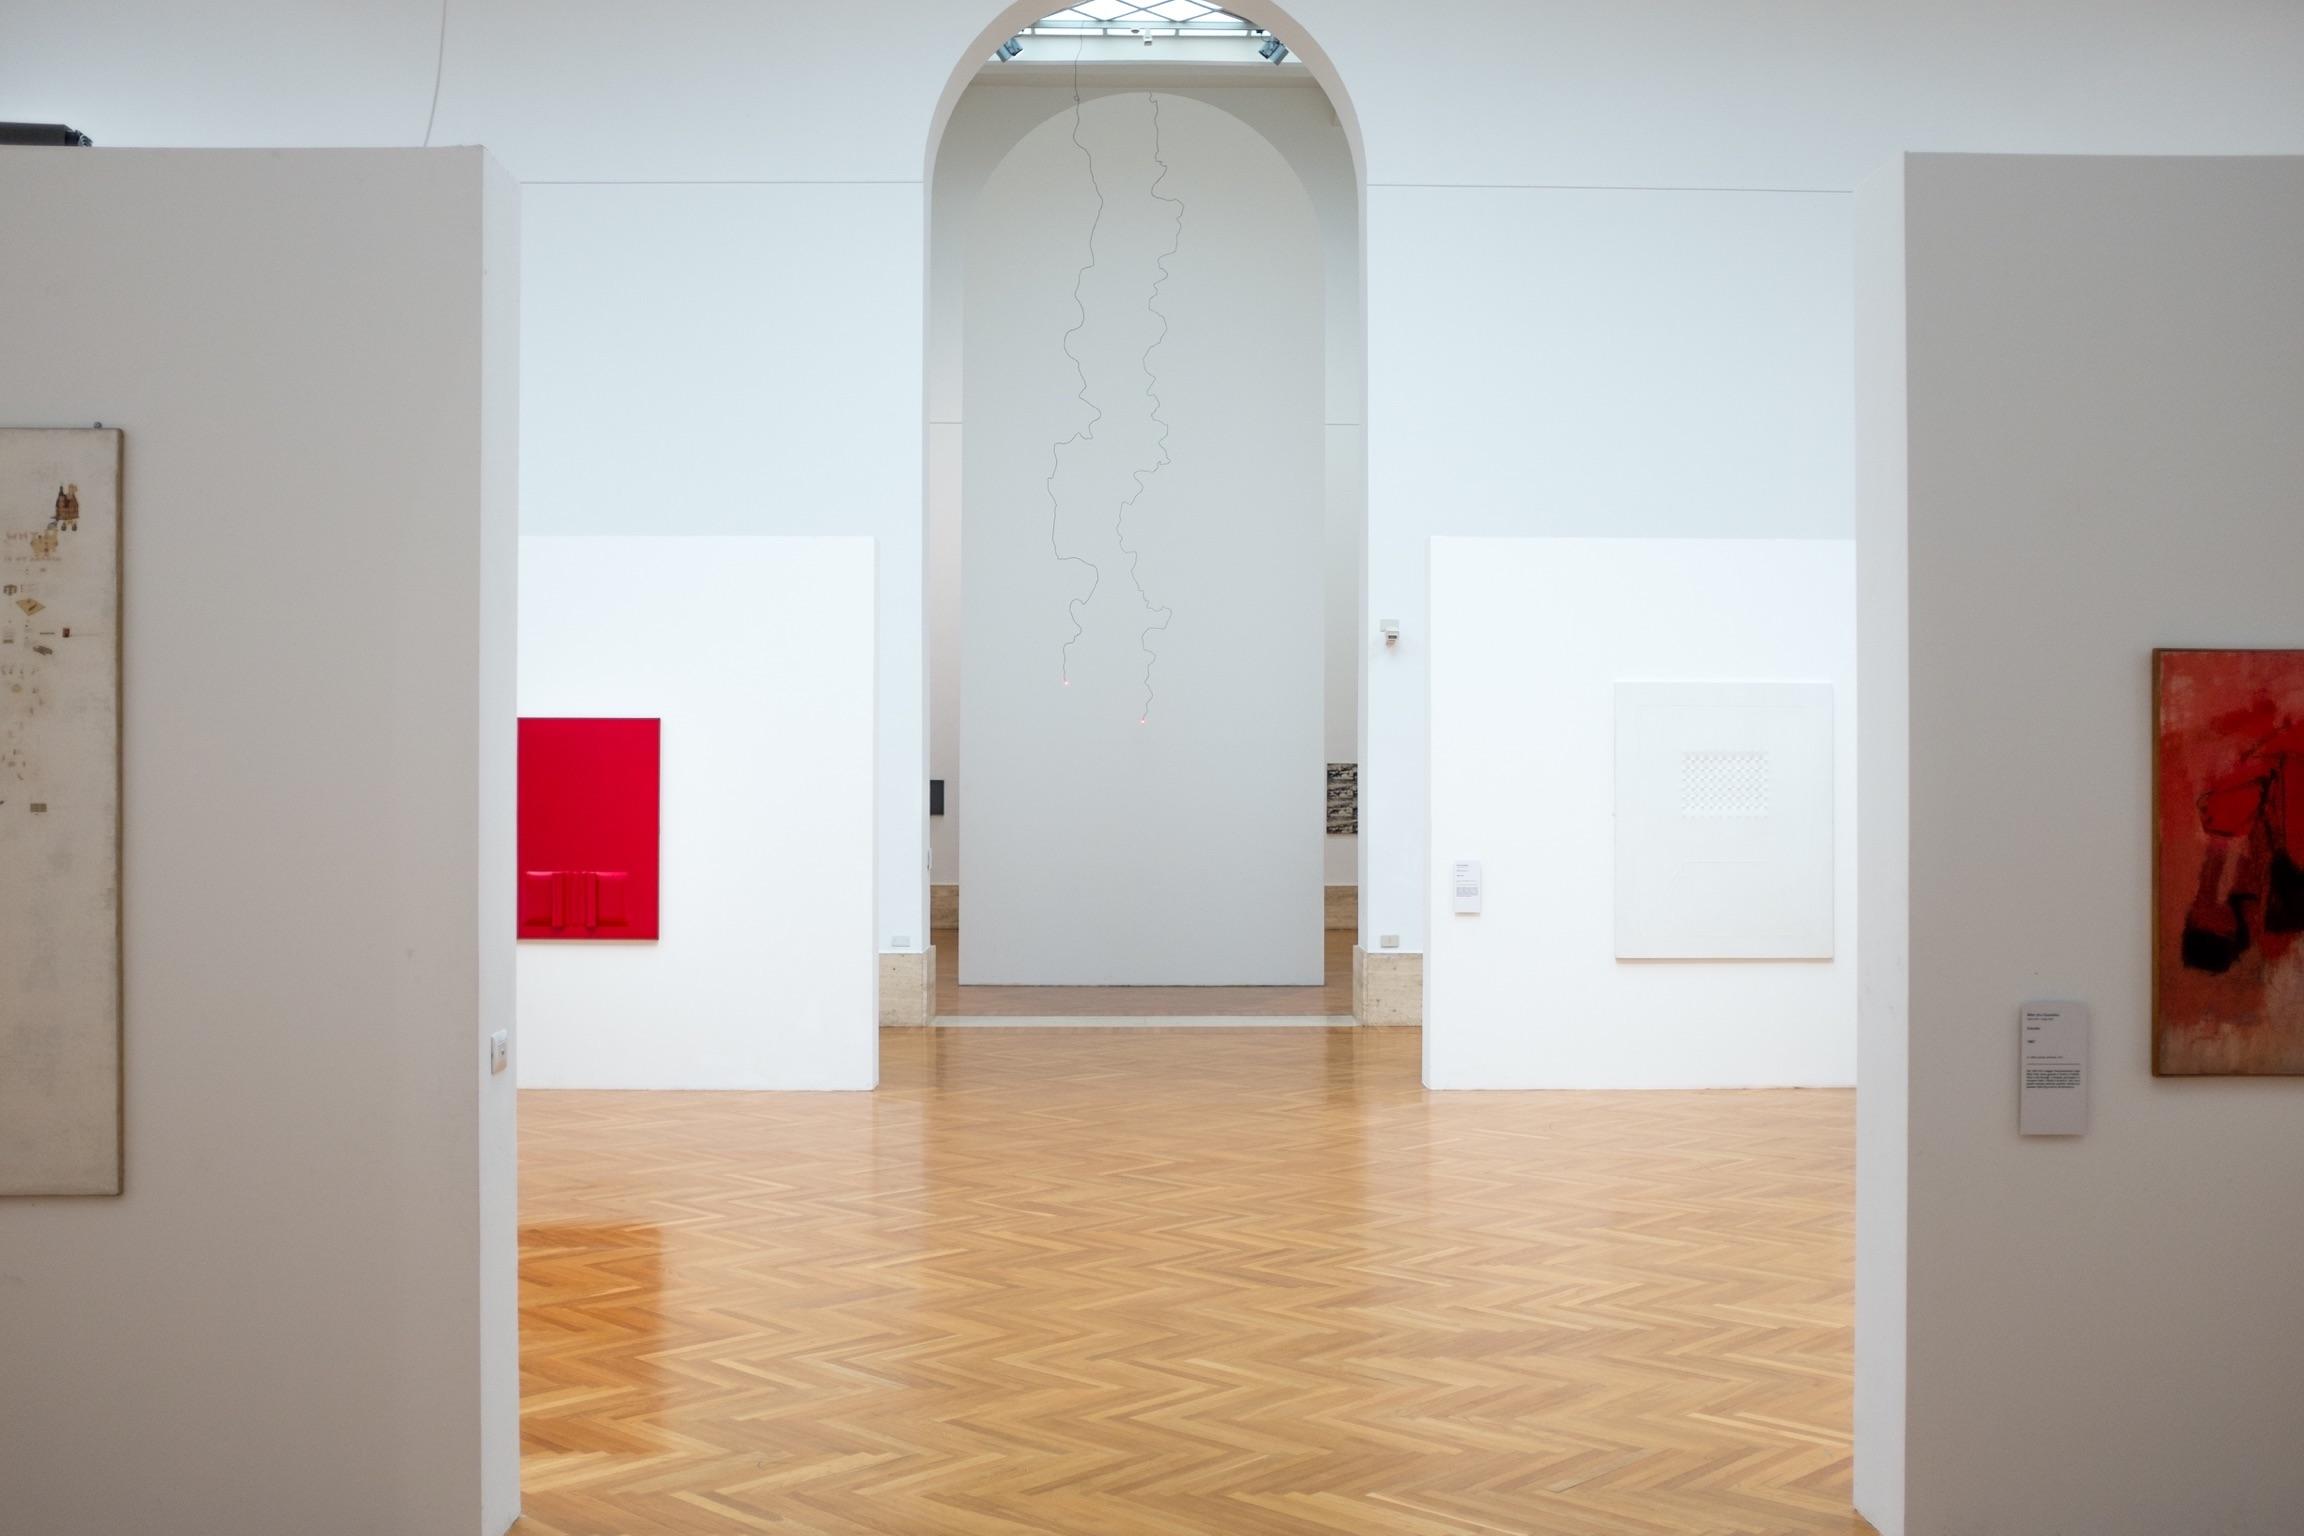 Innenarchitektur Halle kostenlose foto stock museum halle tür innenarchitektur